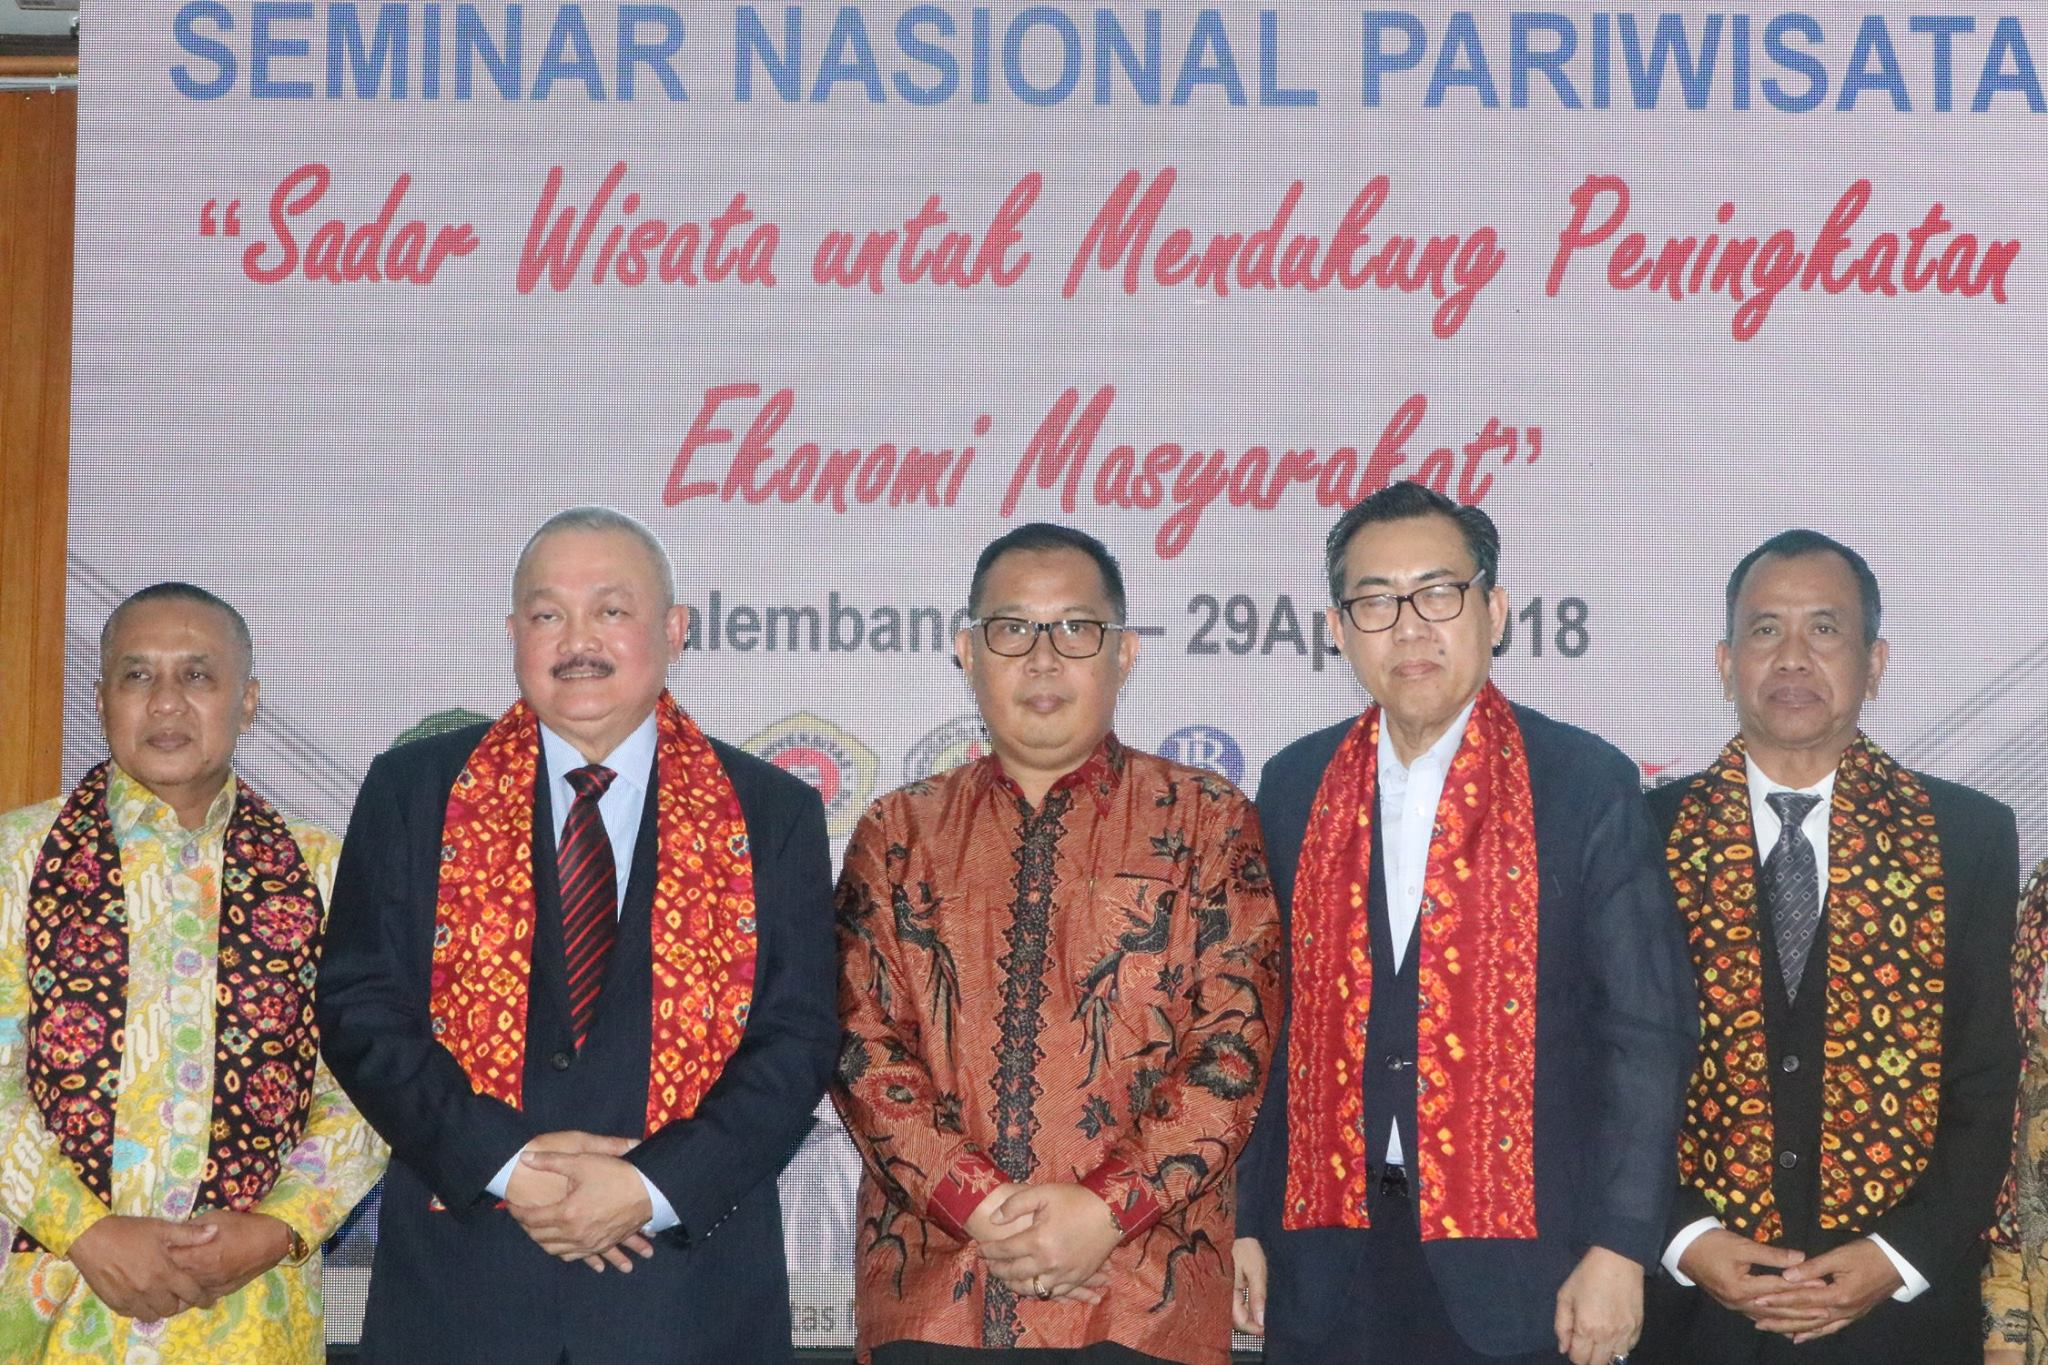 SN Pariwisata Universitas Muhammadiyah Palembang (4)